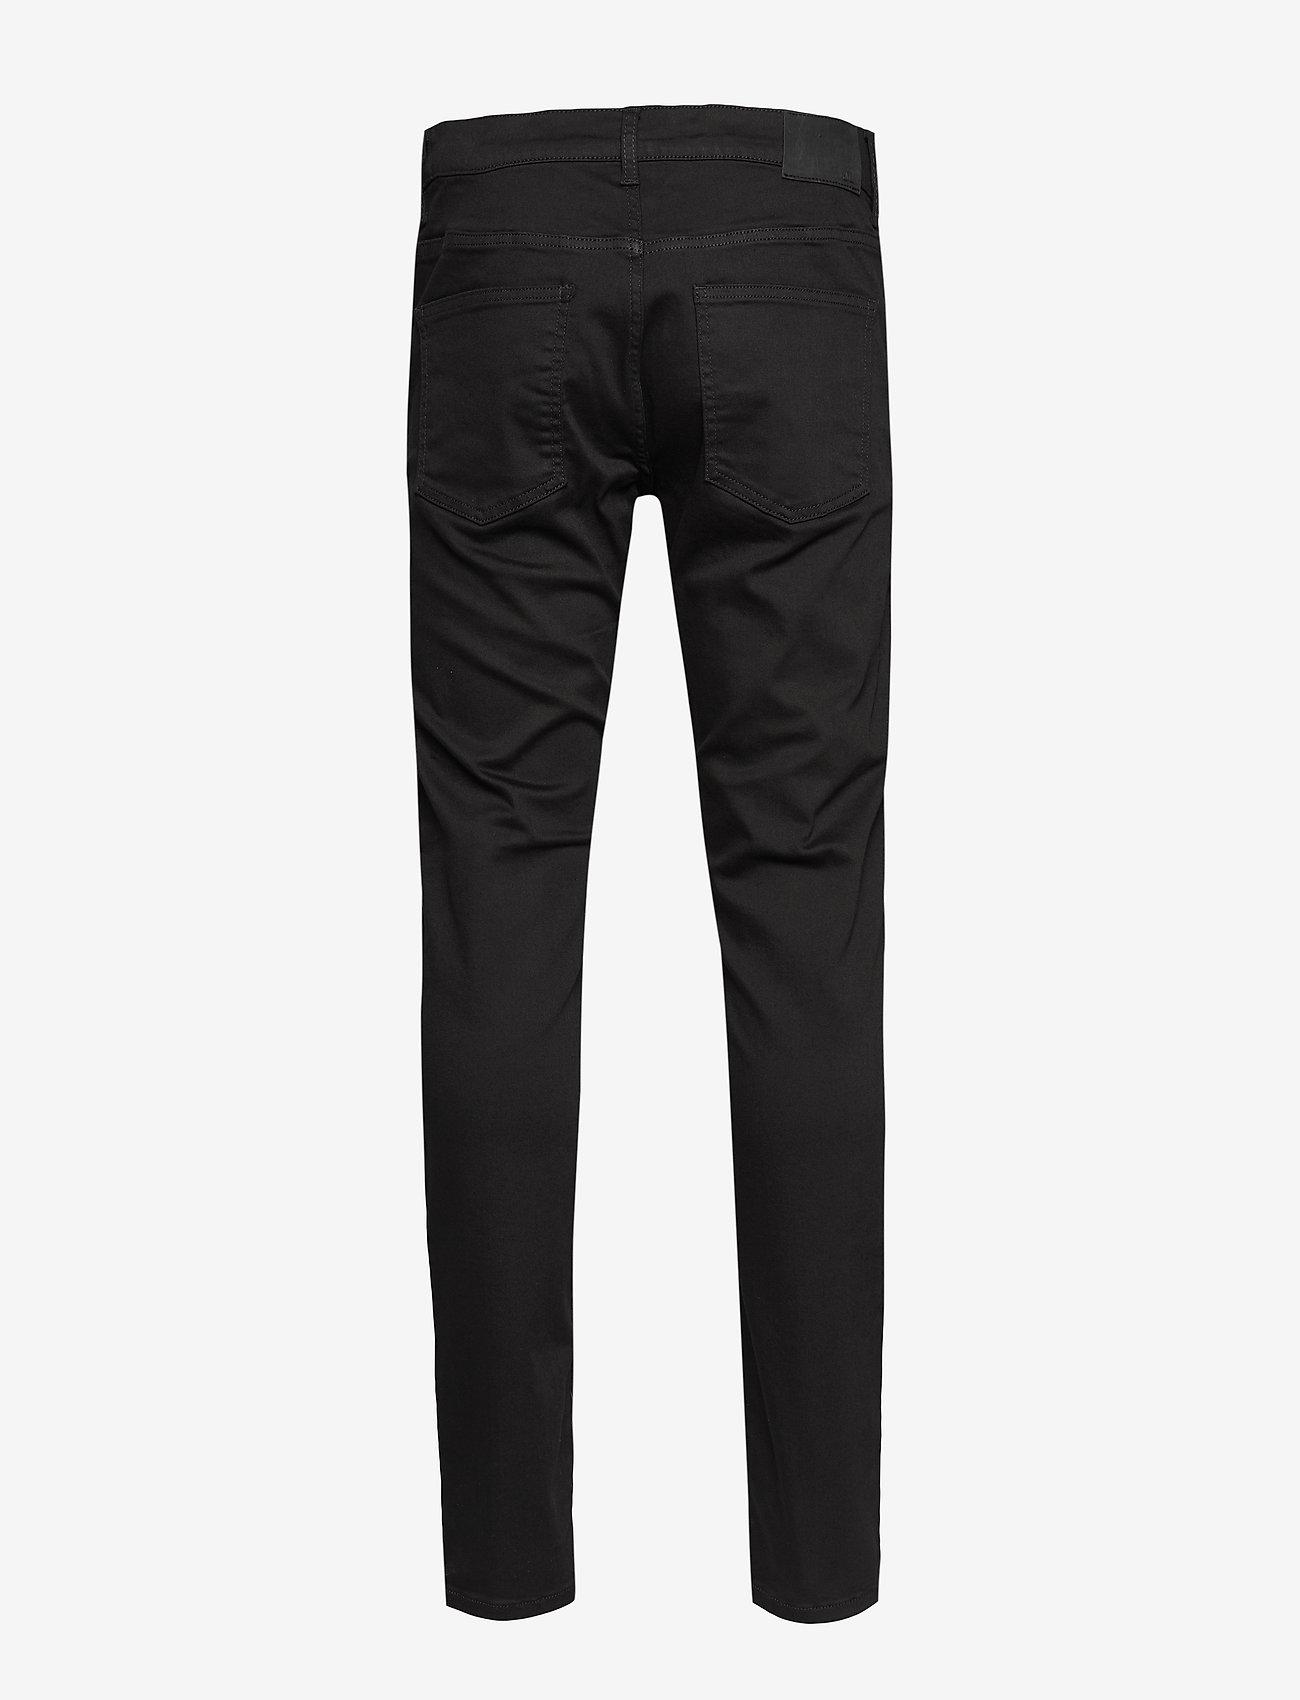 J. Lindeberg Jay-re Active Black - Jeans